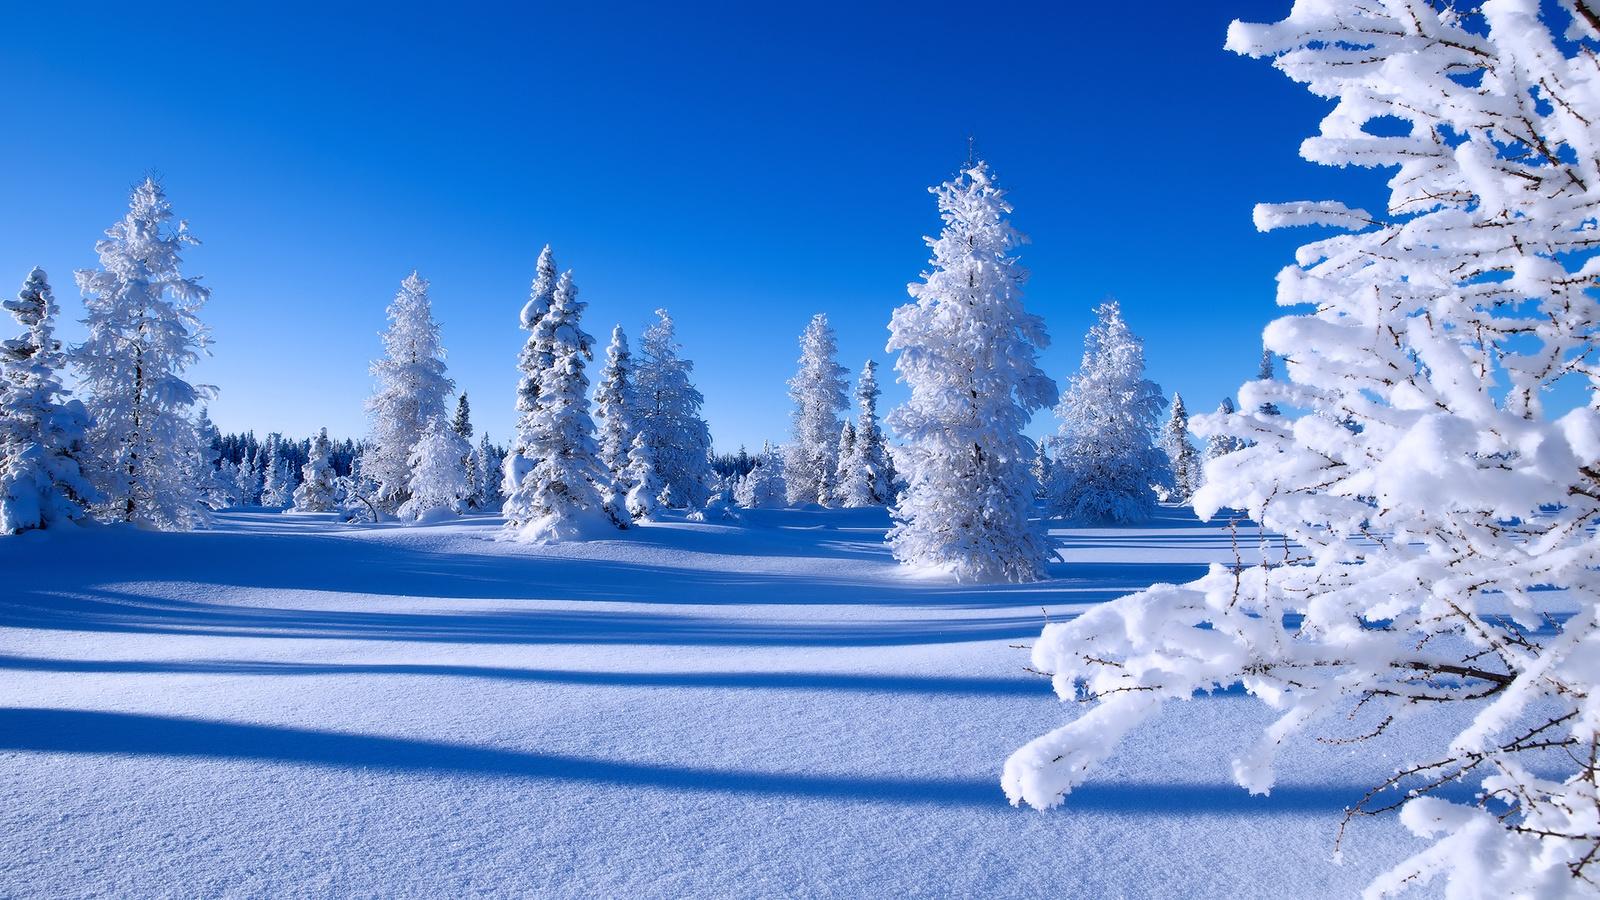 них картинка что такое зима миллиардеров оценивалось стоимости